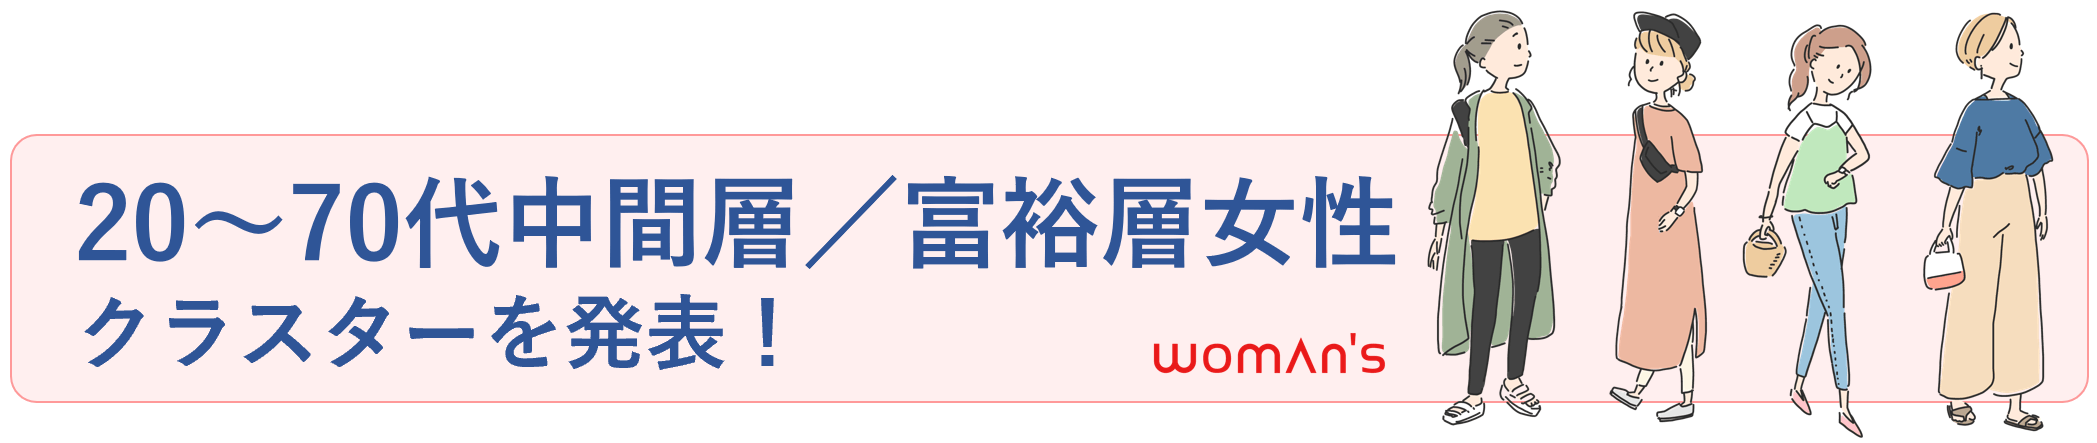 女性クラスター(富裕層、中間層)